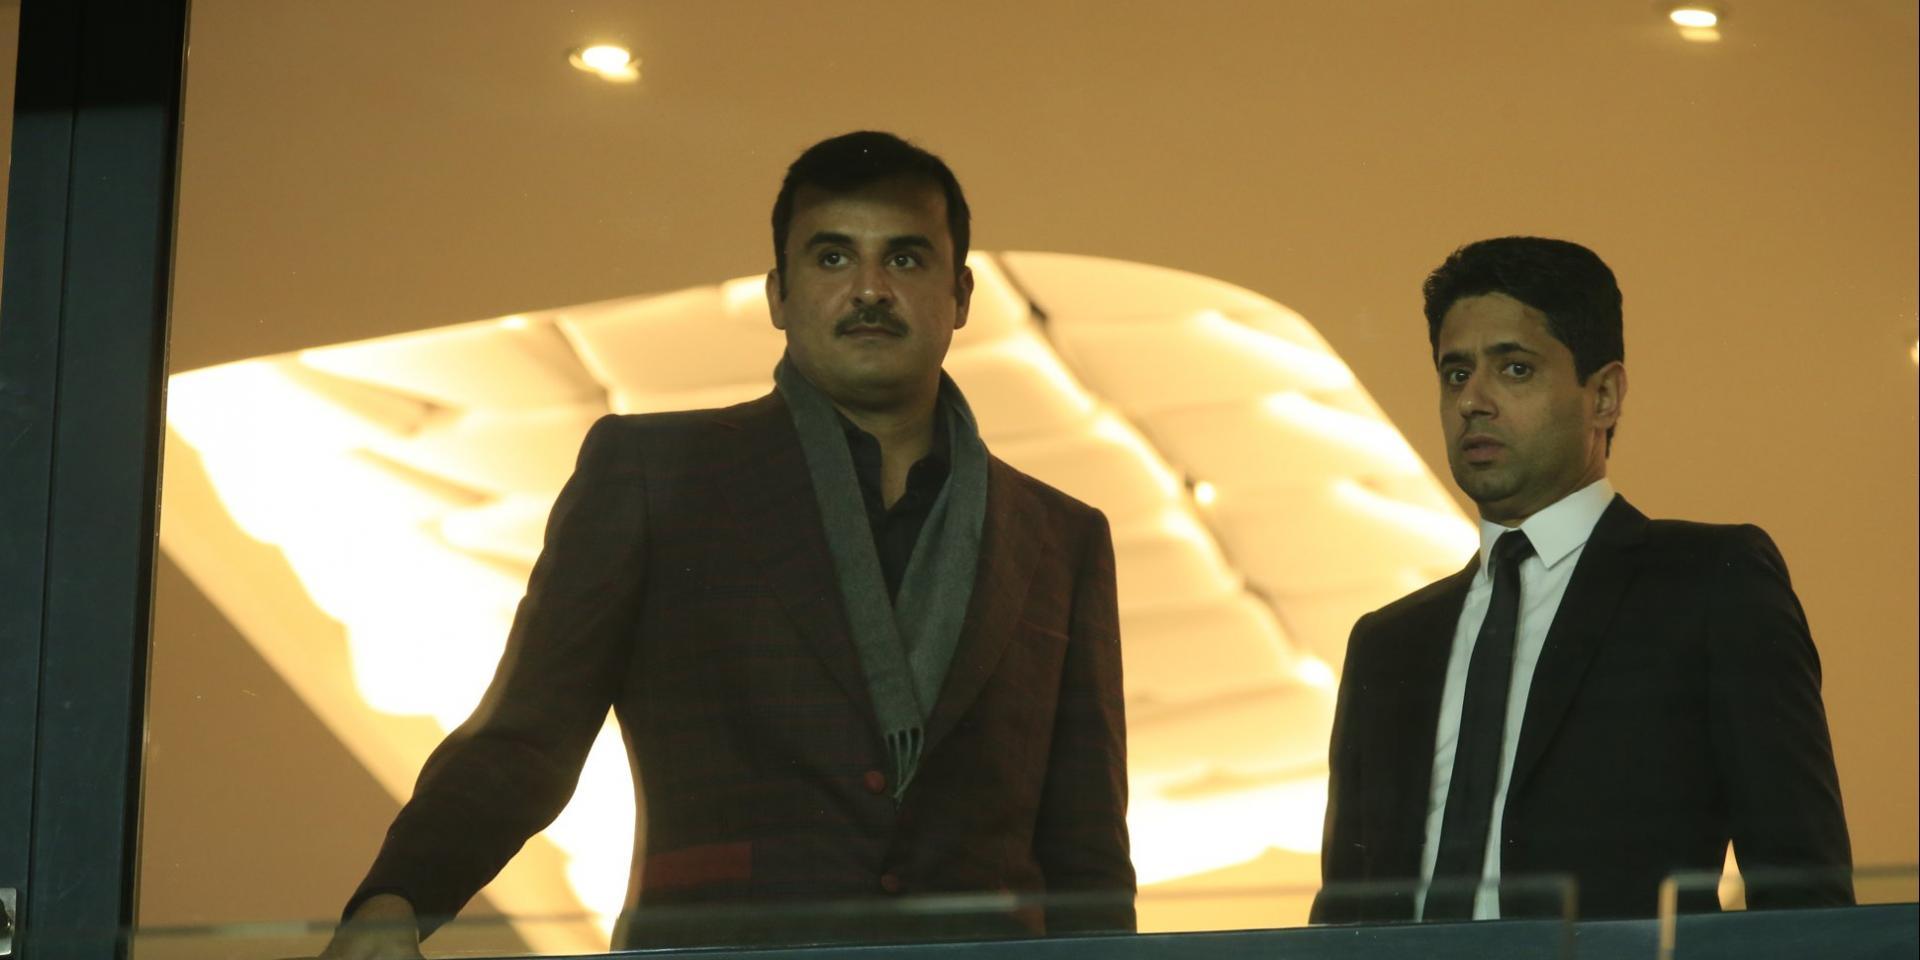 L'émir du Qatar va profiter de sa présence à Roland-Garros pour avoir des réunions de travail avec le PSG, selon RMC Sport